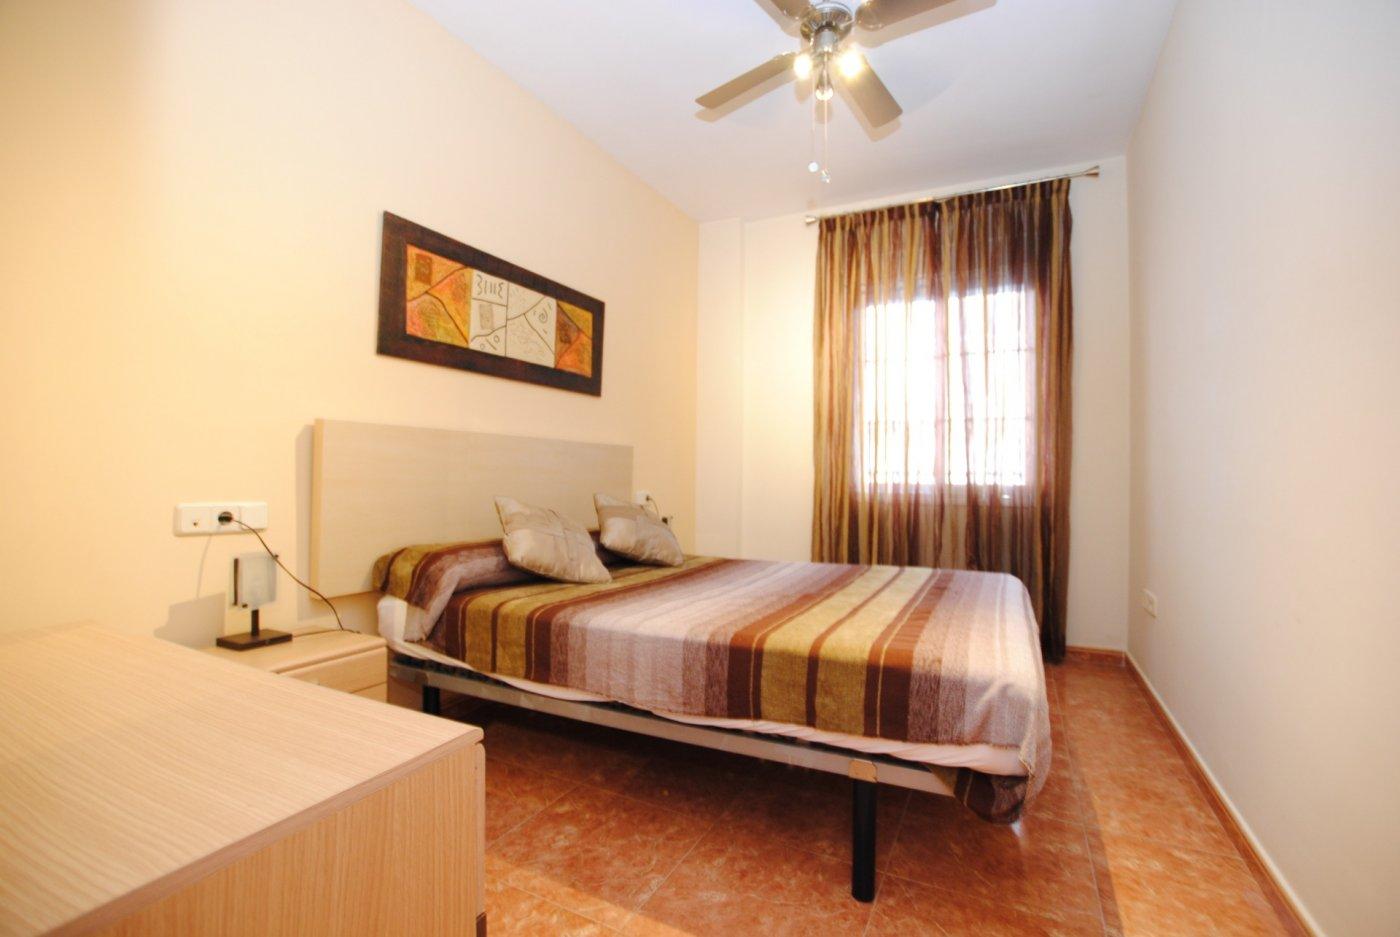 Apartamento en 2 linea de playa!!! - imagenInmueble15